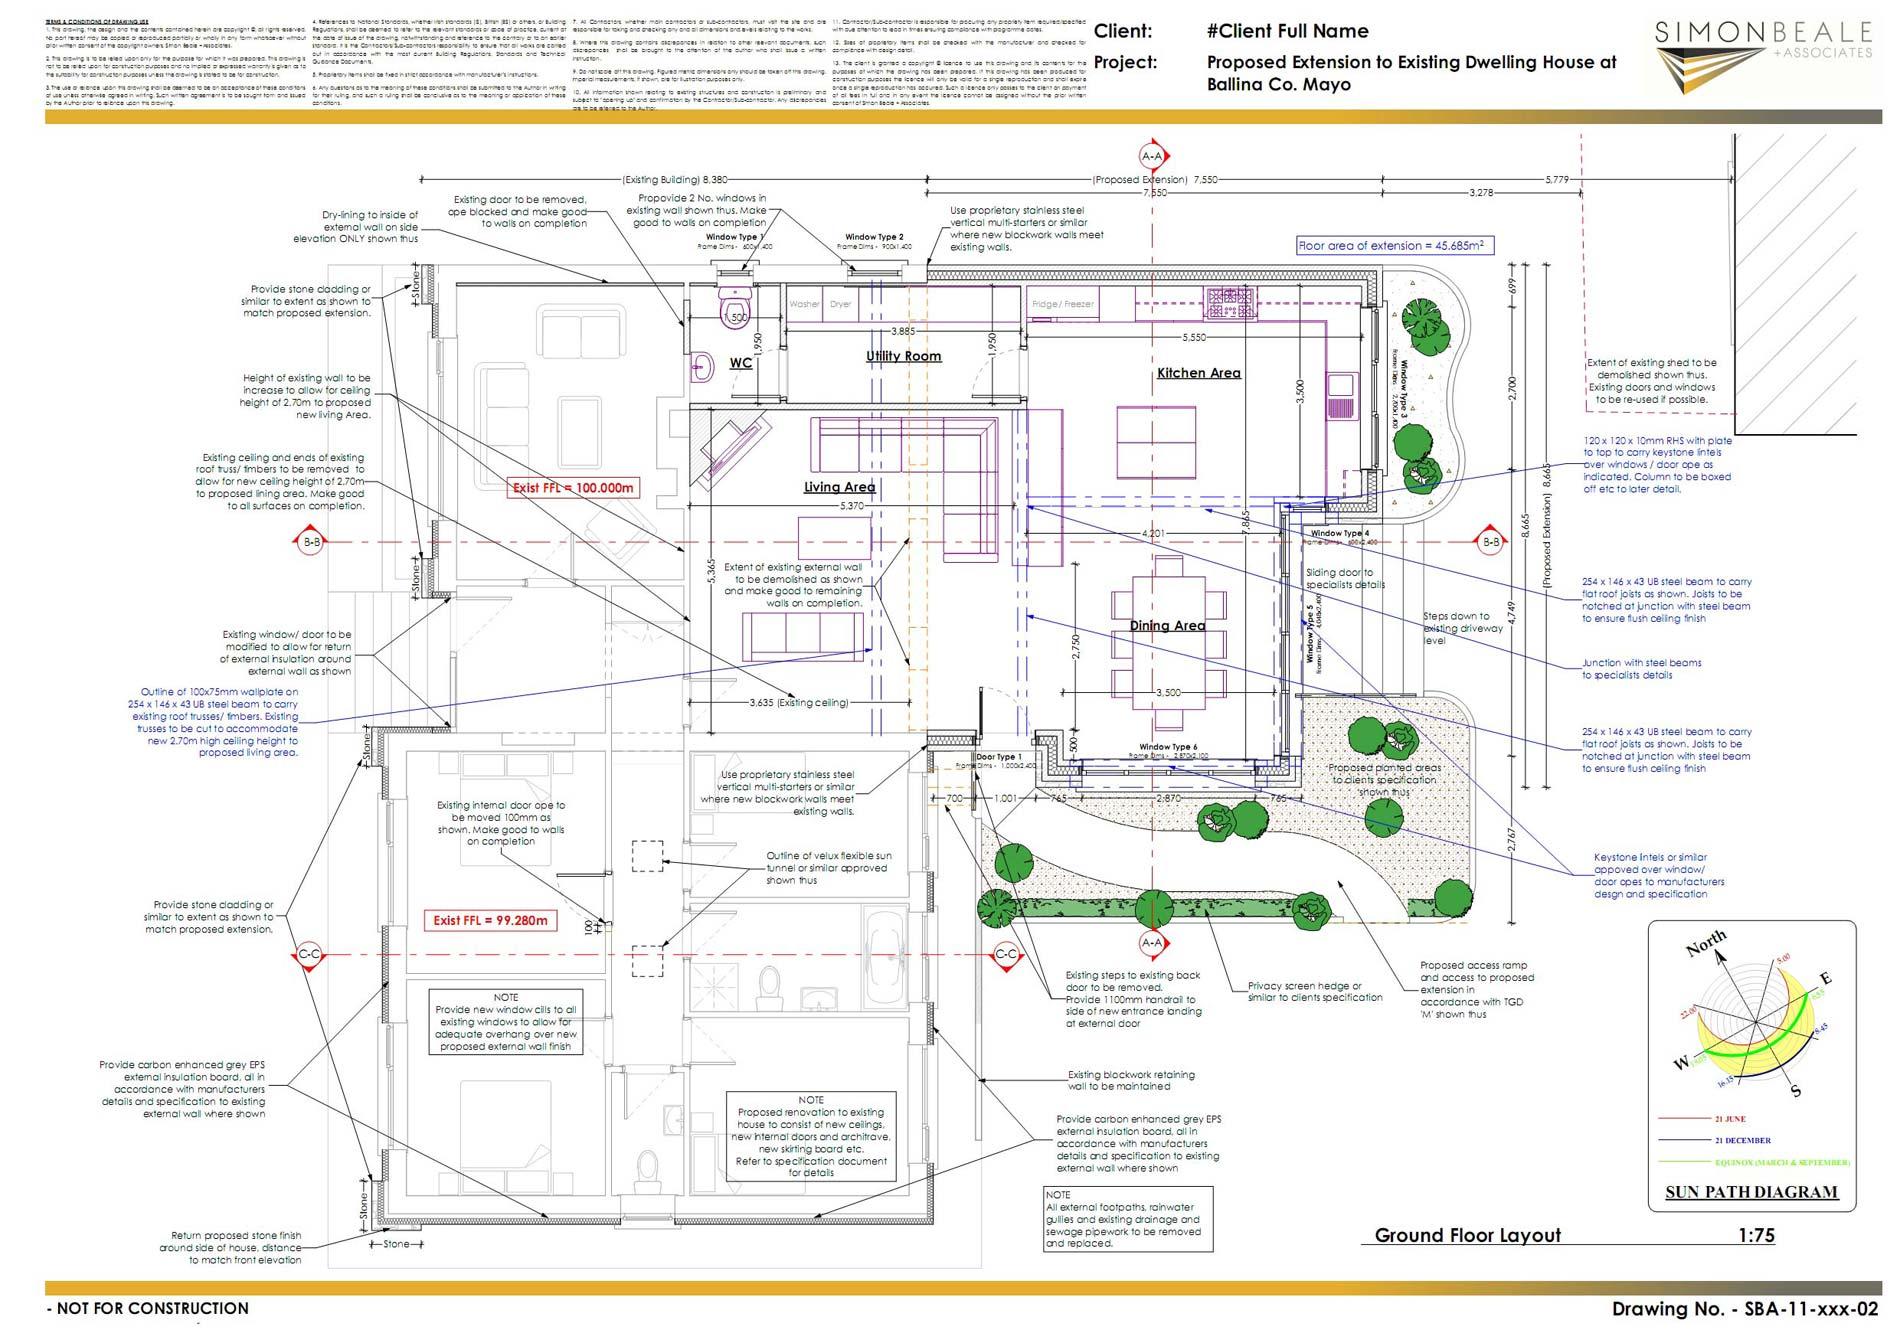 02 Ground Floor Layout_pagenumber.001